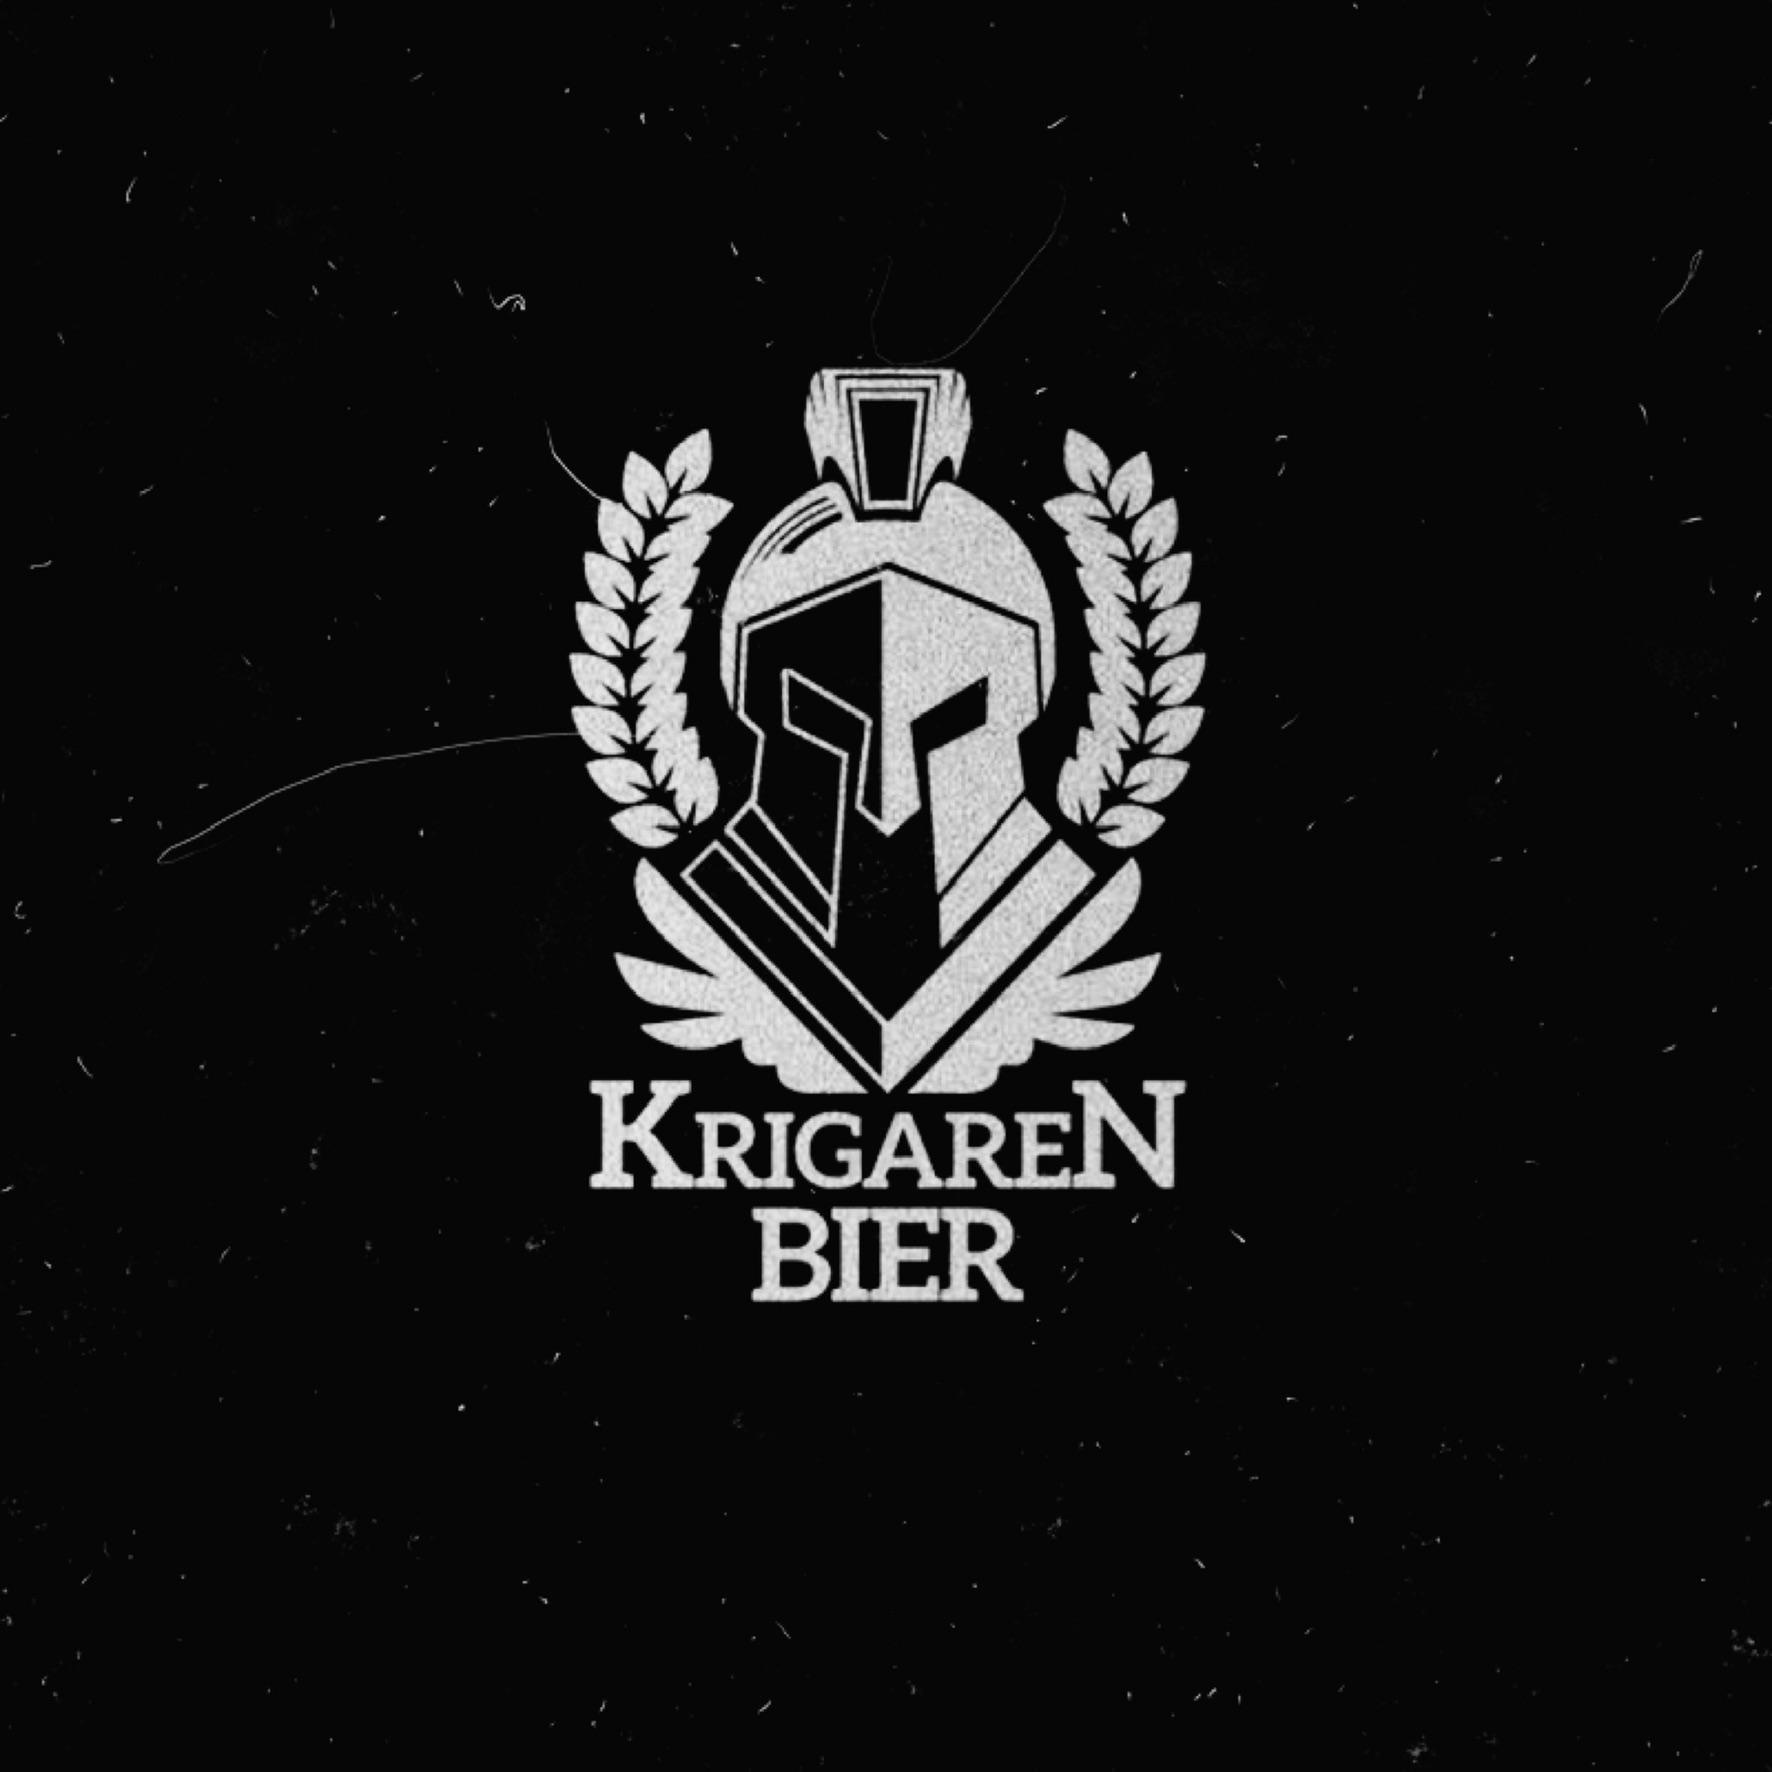 Krigaren Bier QrCarta